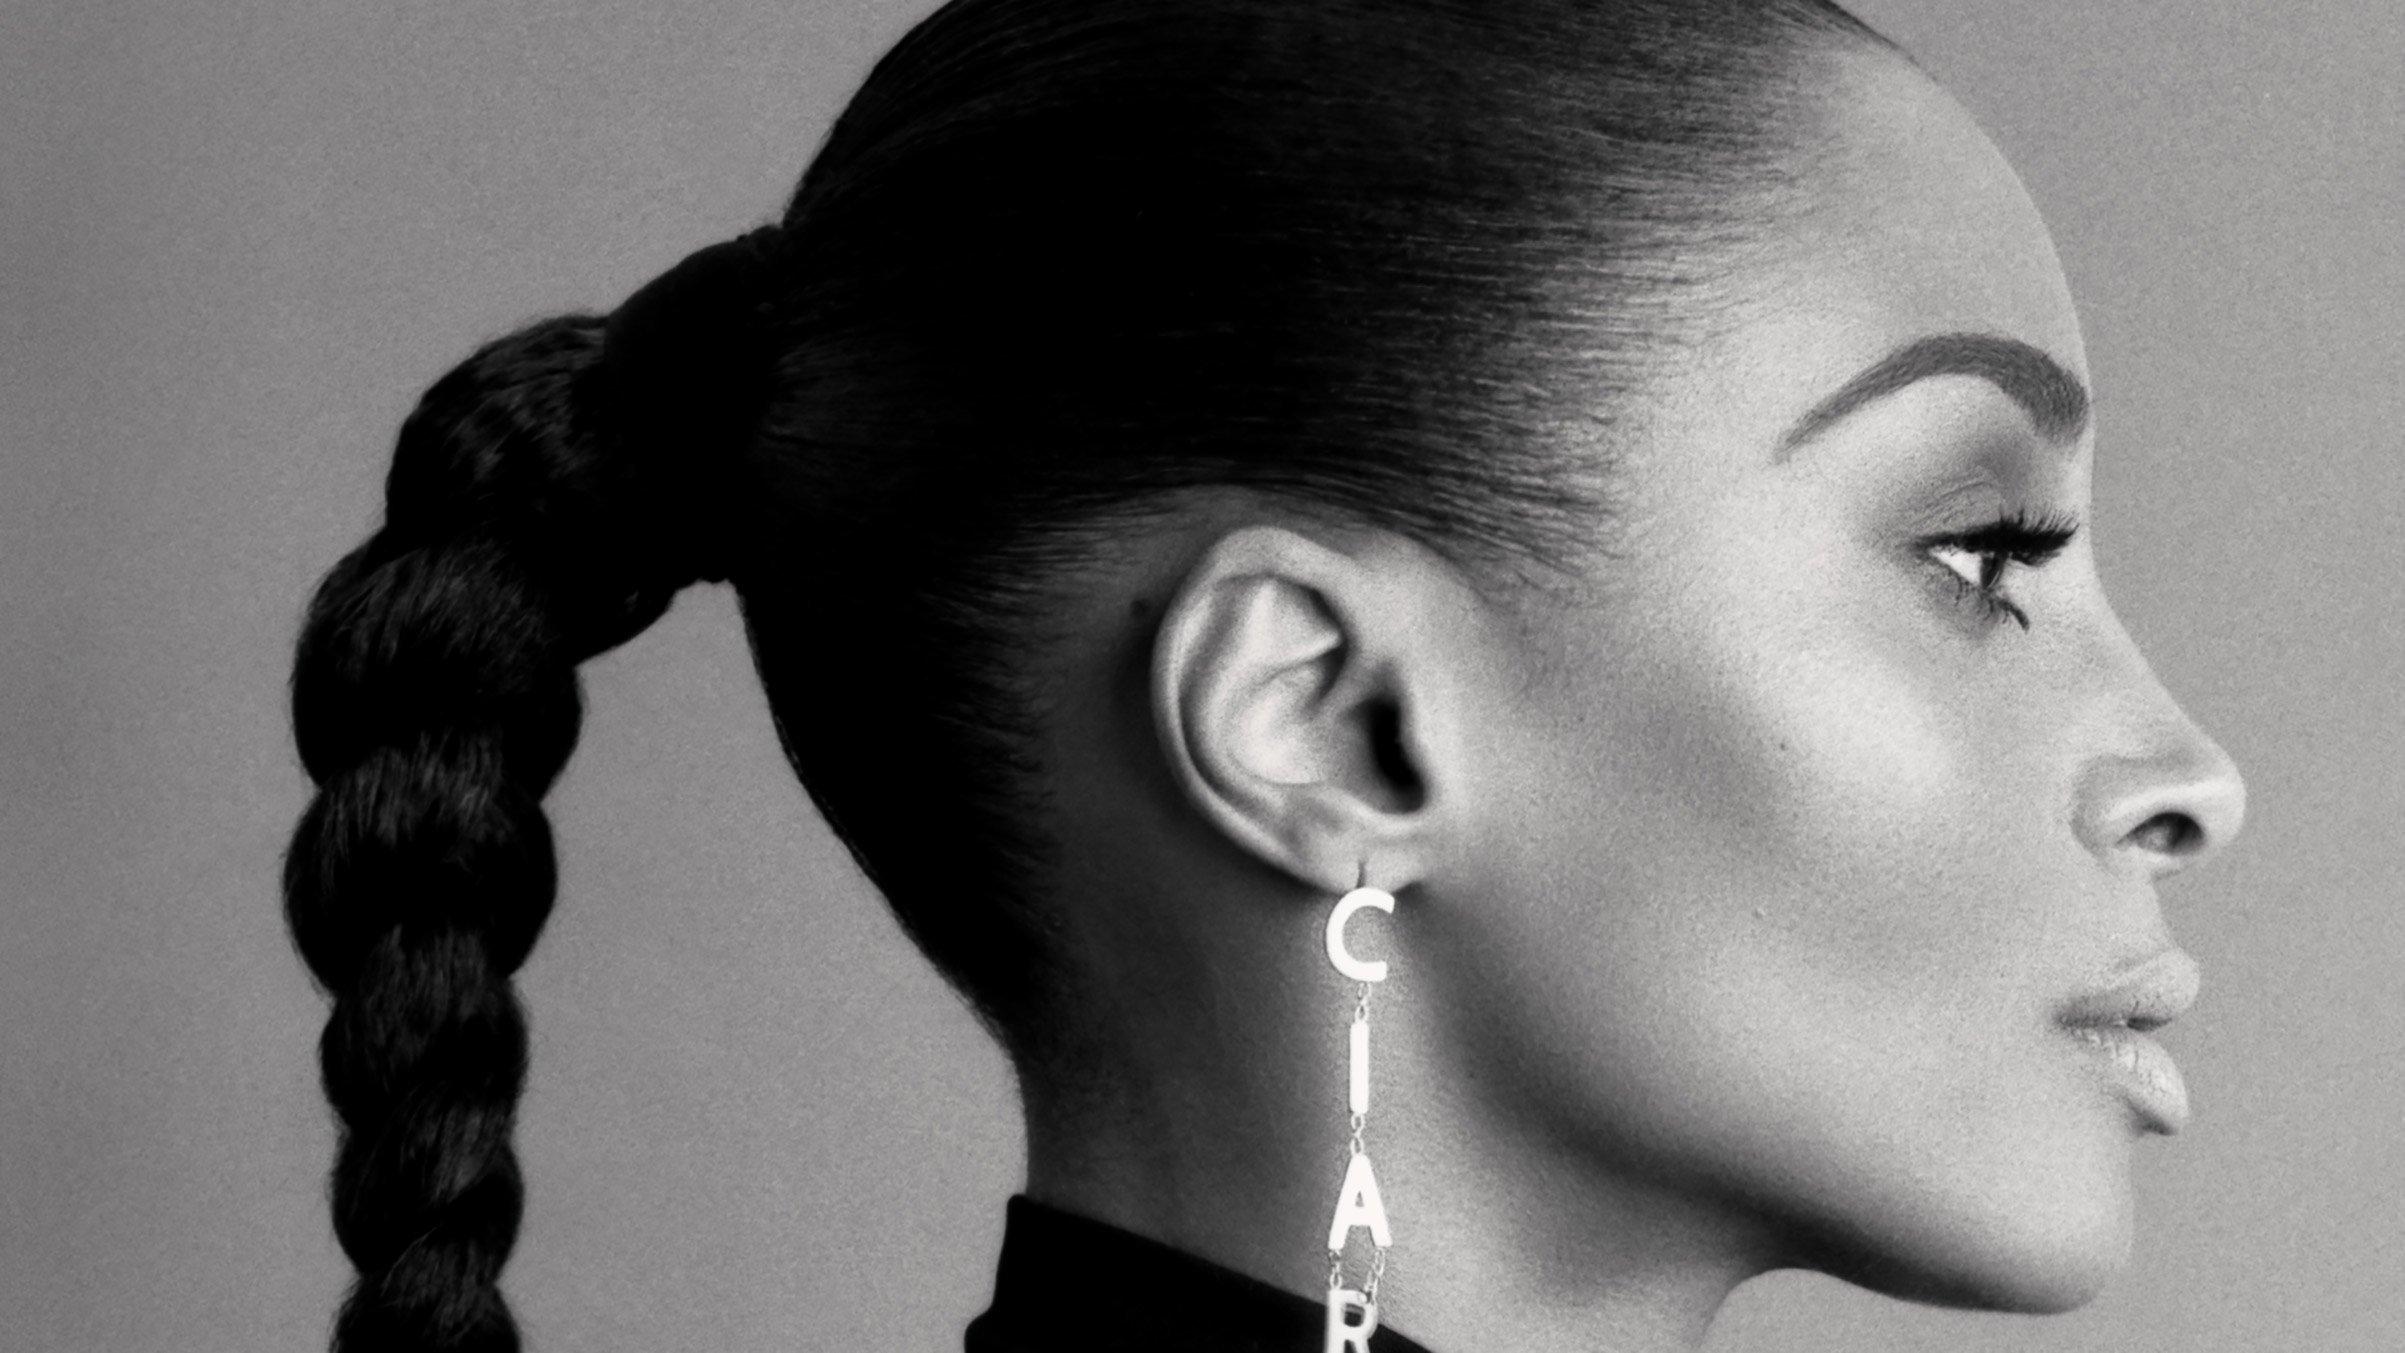 Cantora Ciara com uma trança e brincos com seu nome